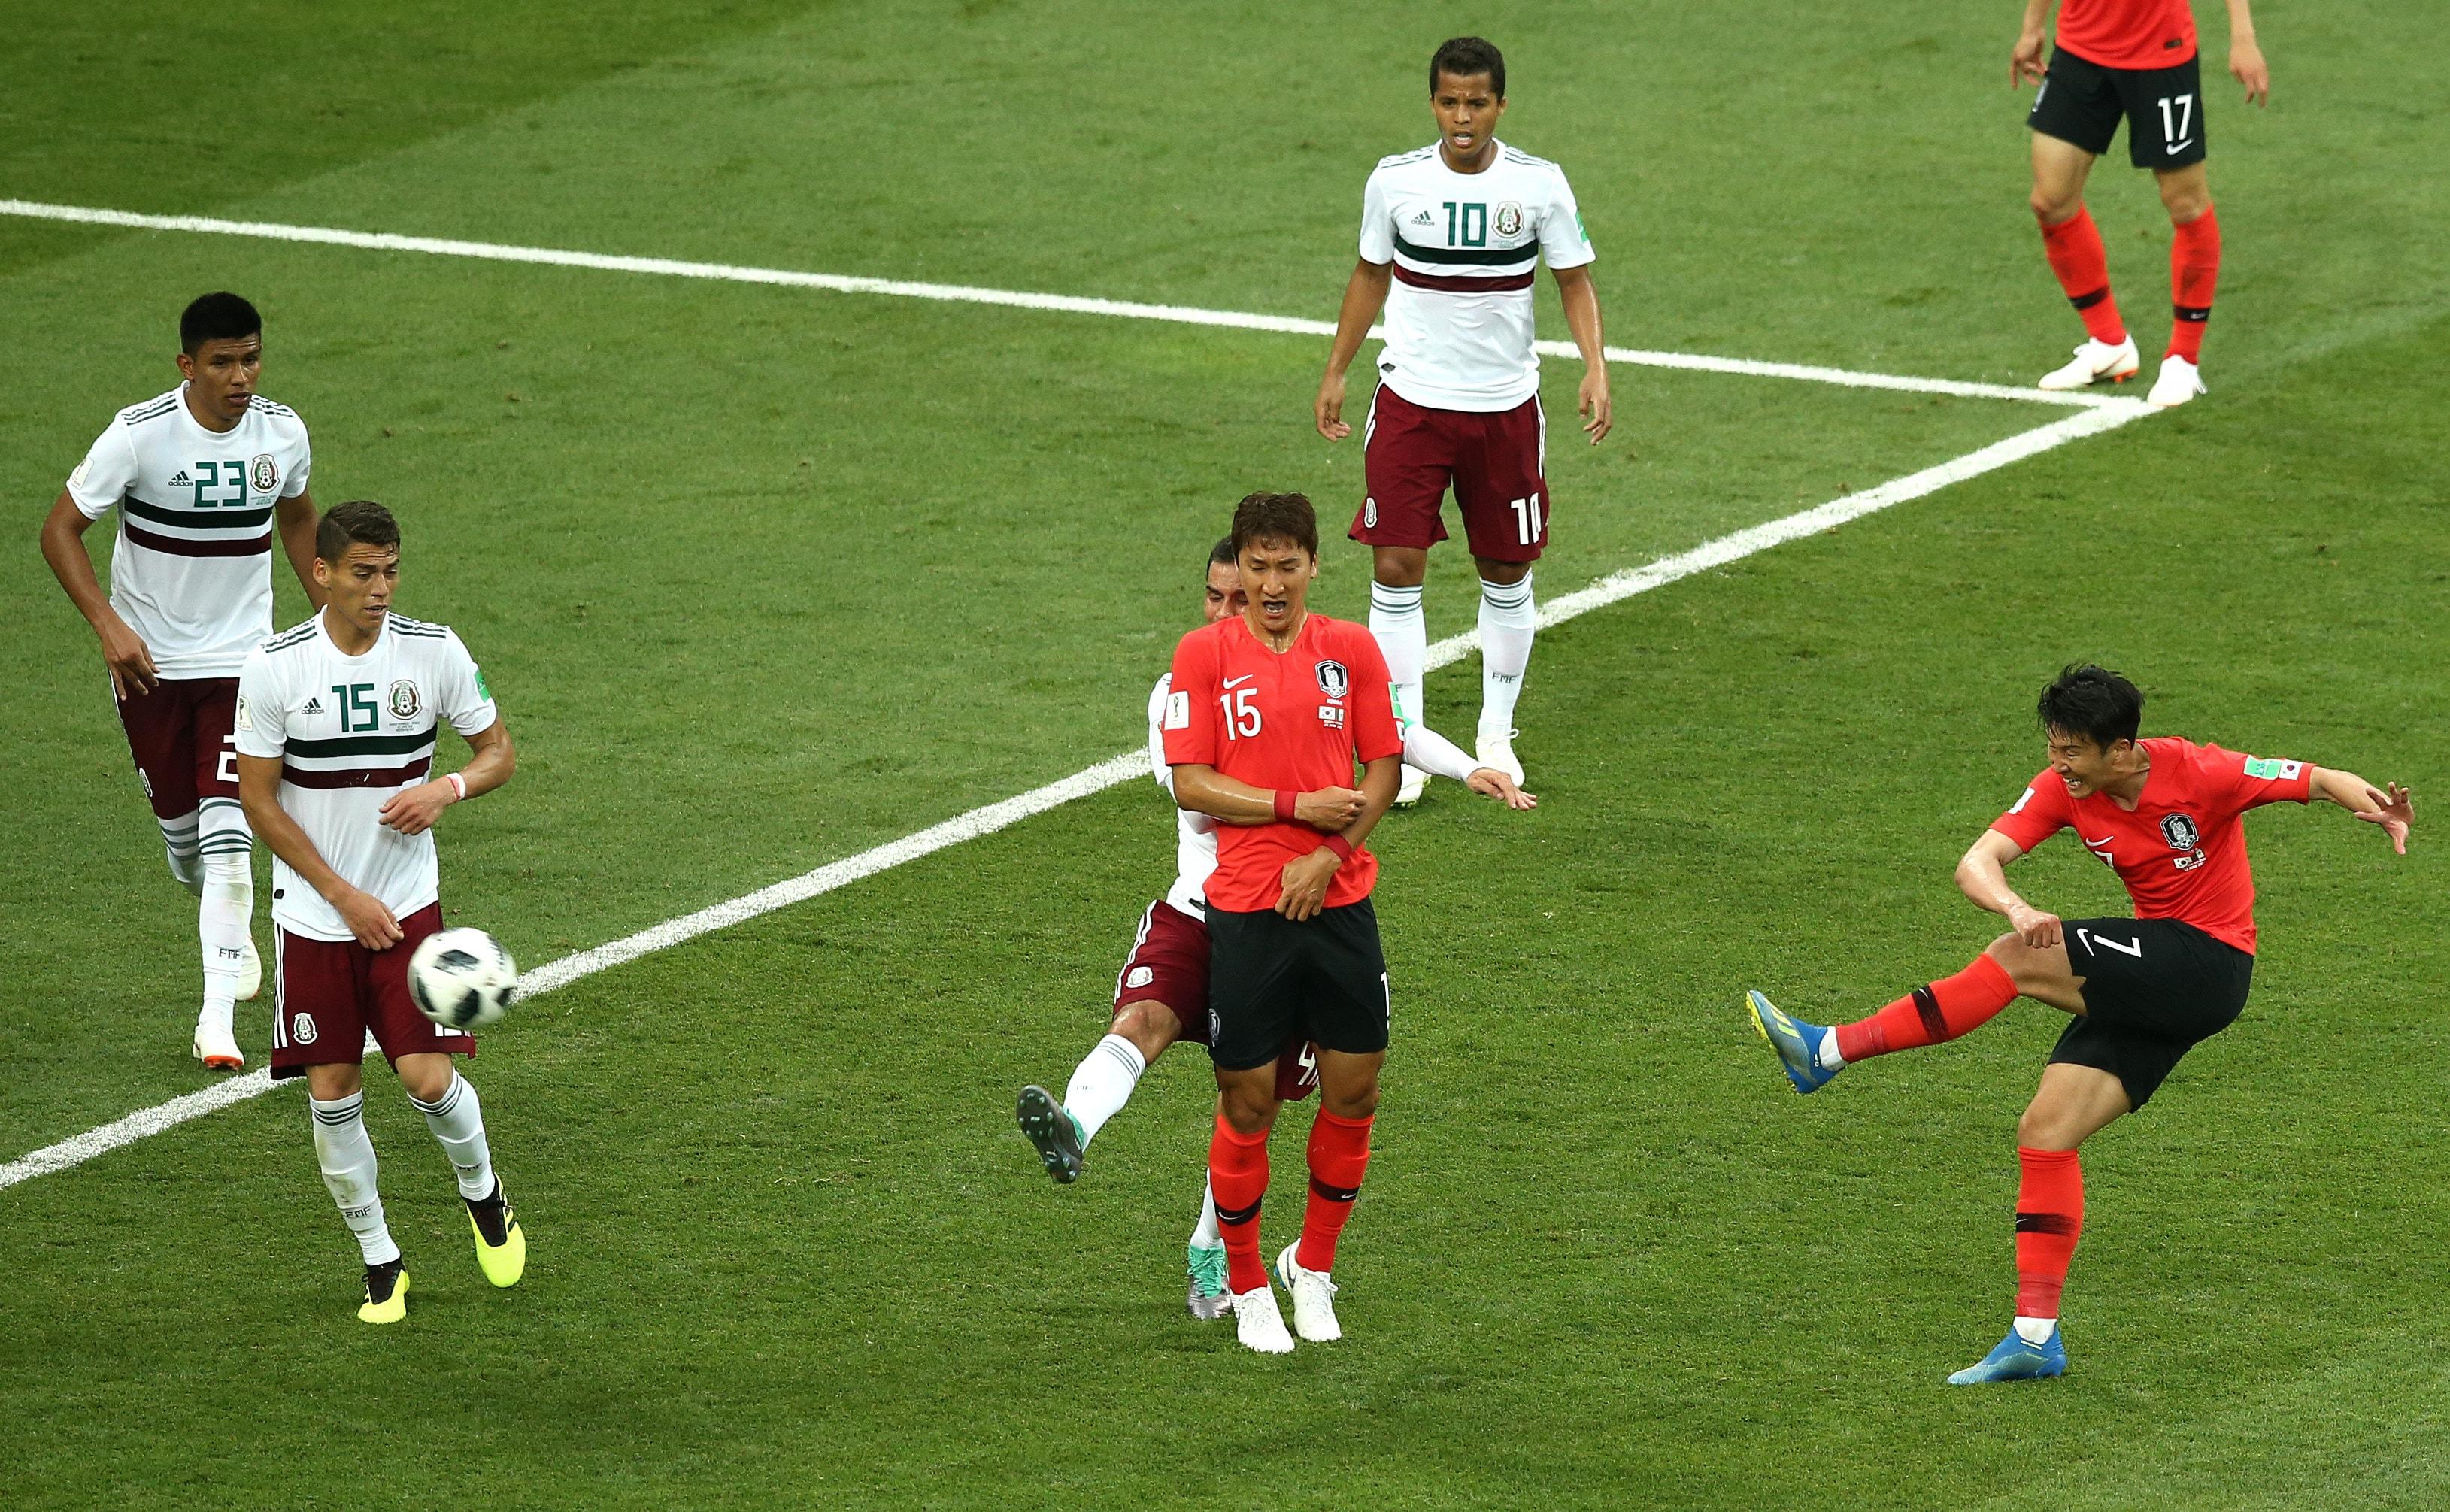 一瞬の隙を突いたメキシコ 速攻で試合の趨勢を決める